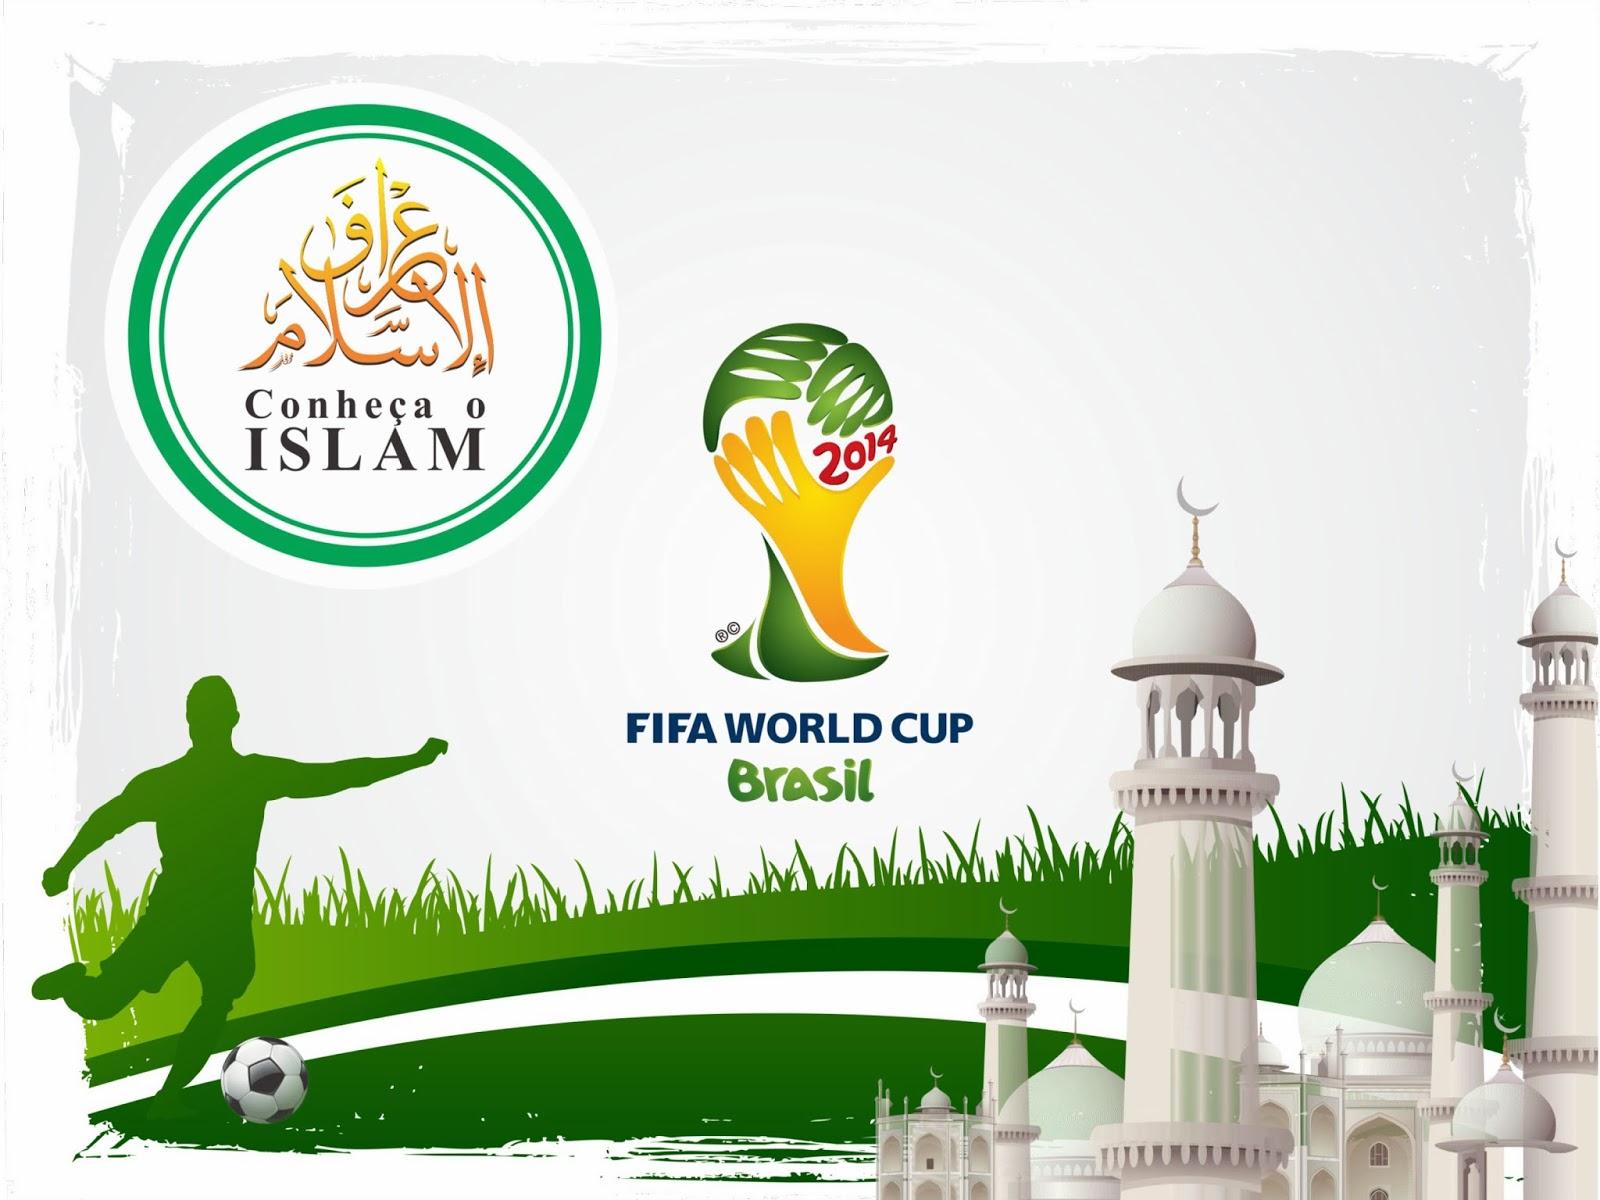 """عاجل: دورة تدريبية لشباب المسلمين في البرازيل تحت عنوان """"كن  داعيا  في مونديال  البرازيل""""  2014"""